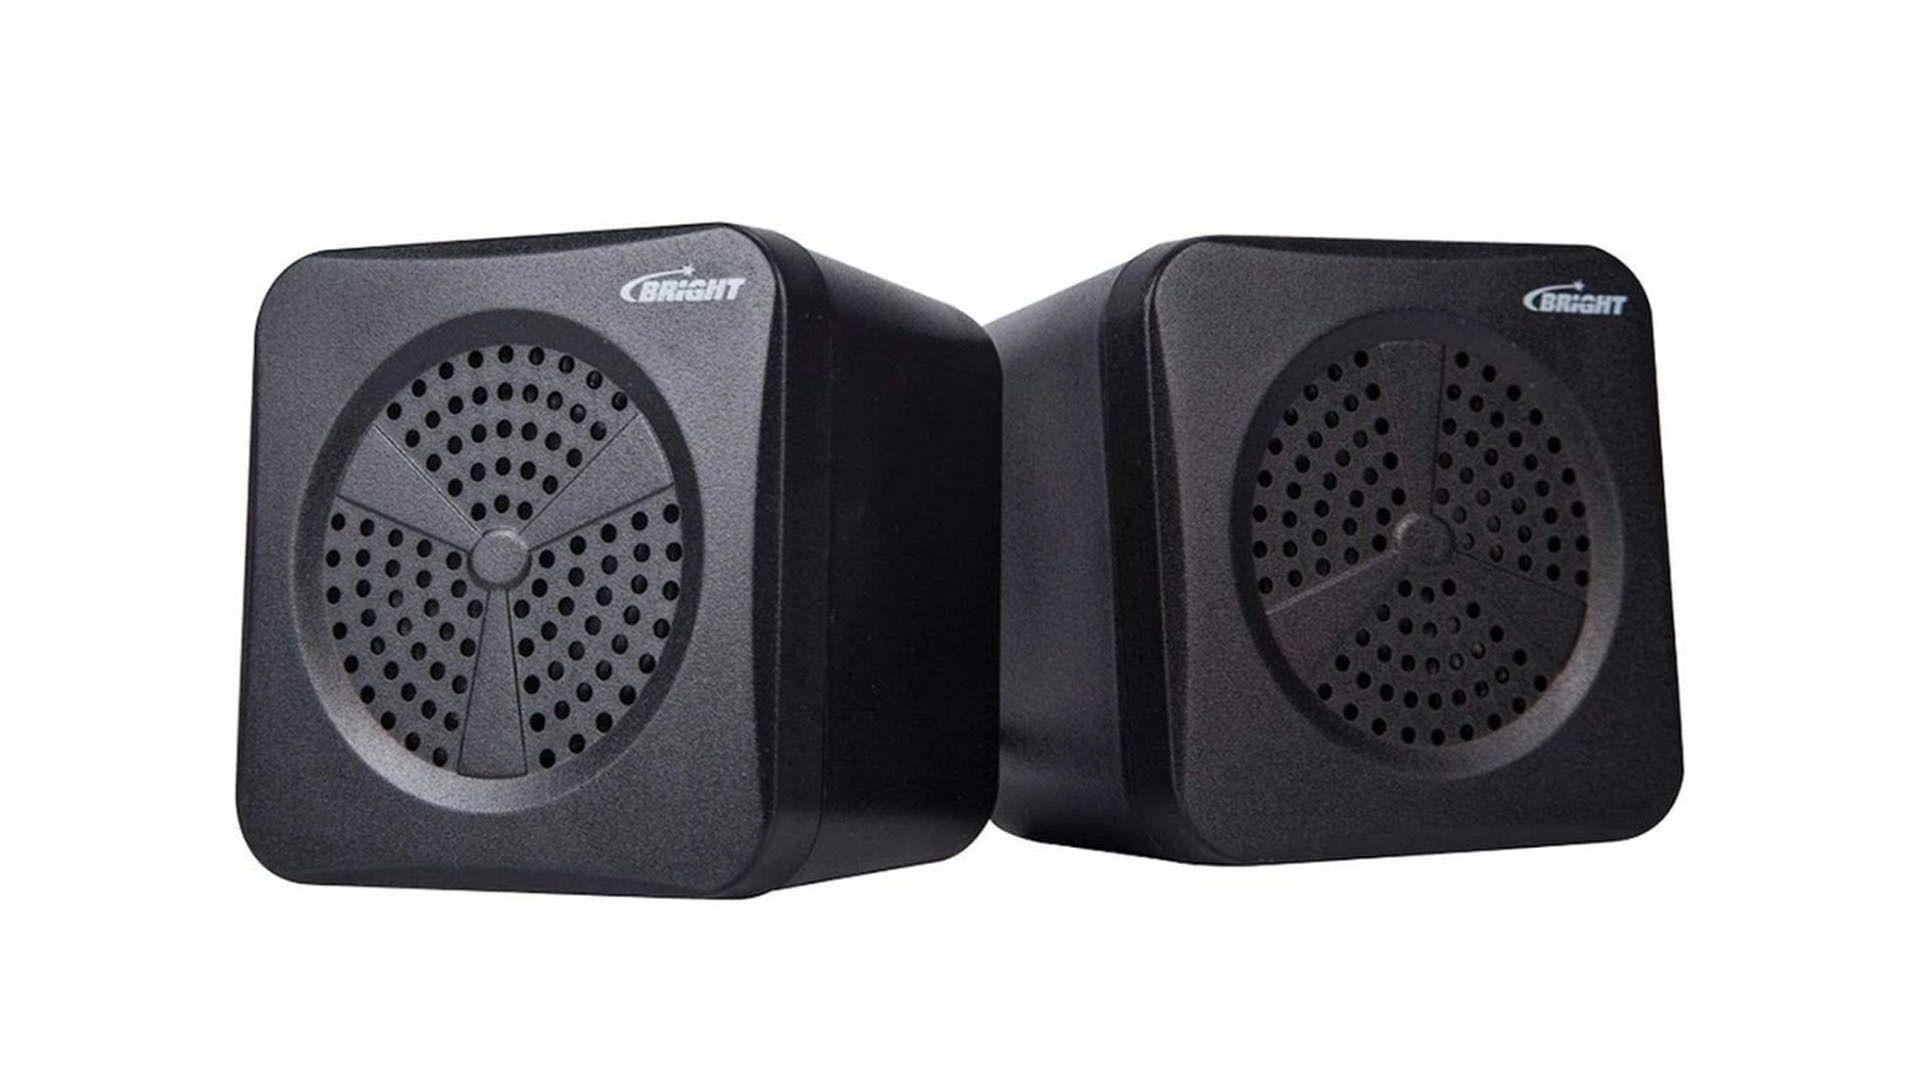 Caixa de som para PC da Bright pode ser uma boa opção (Divulgação / Bright)